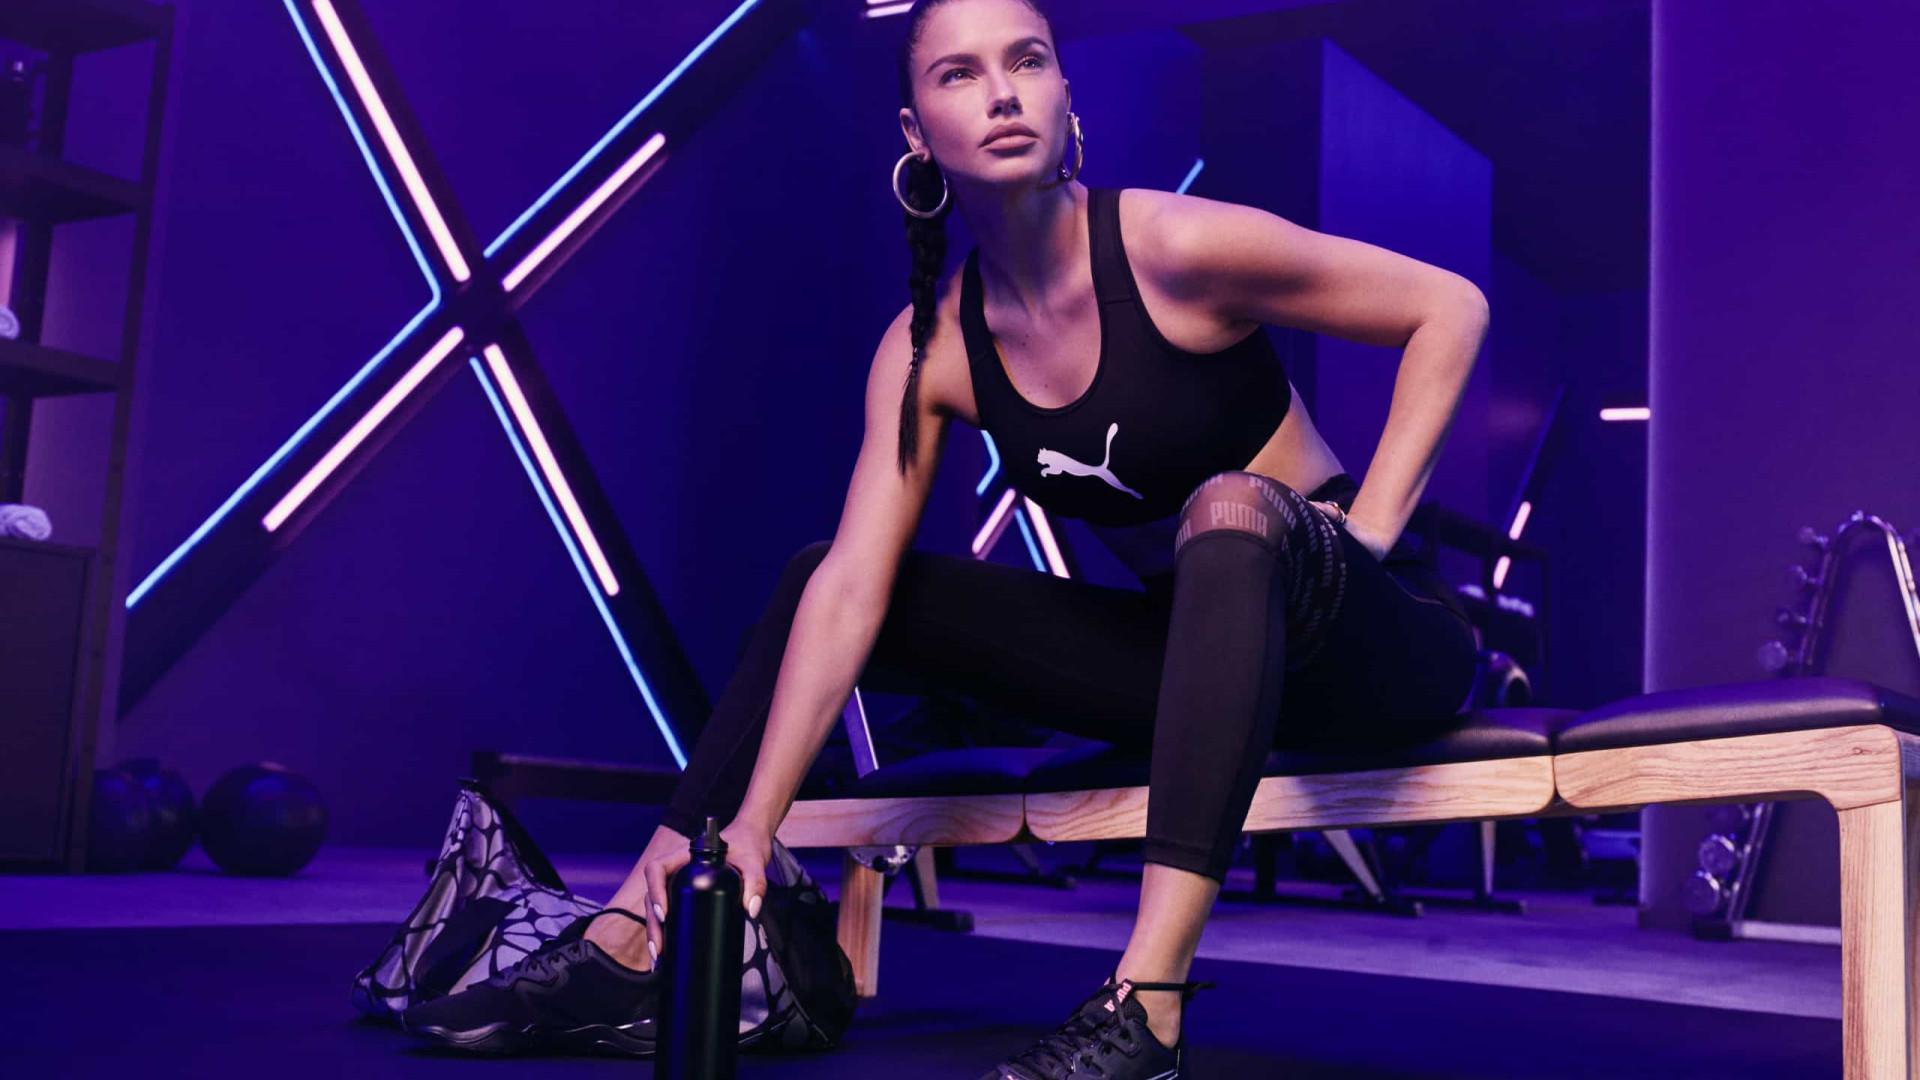 PUMA Zone XT com Adriana Lima, convida-o a testar os seus limites